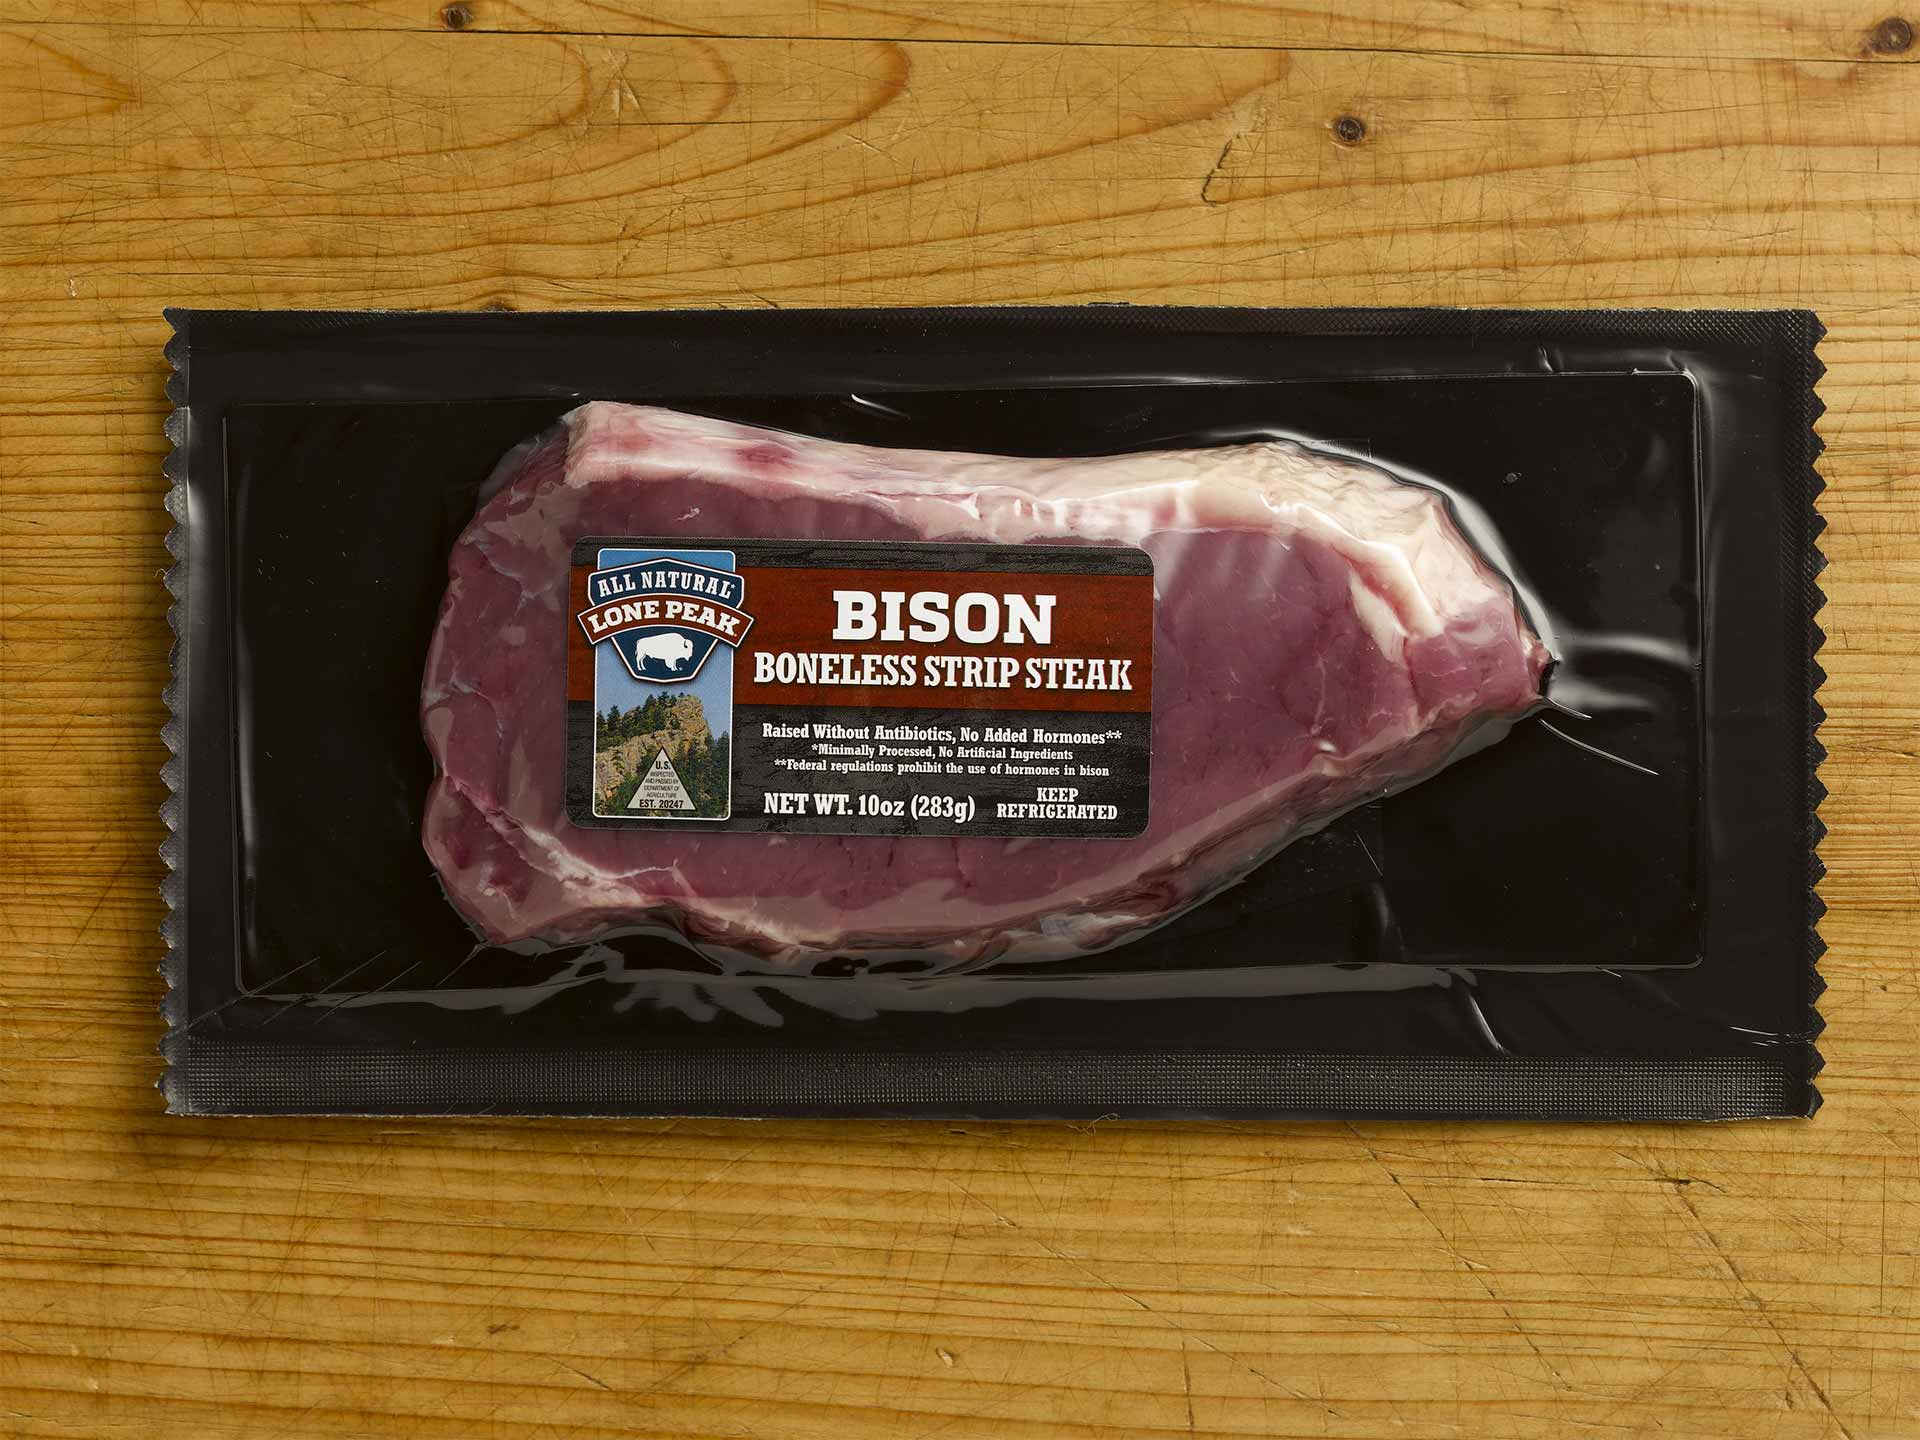 Bison Boneless Strip Steak